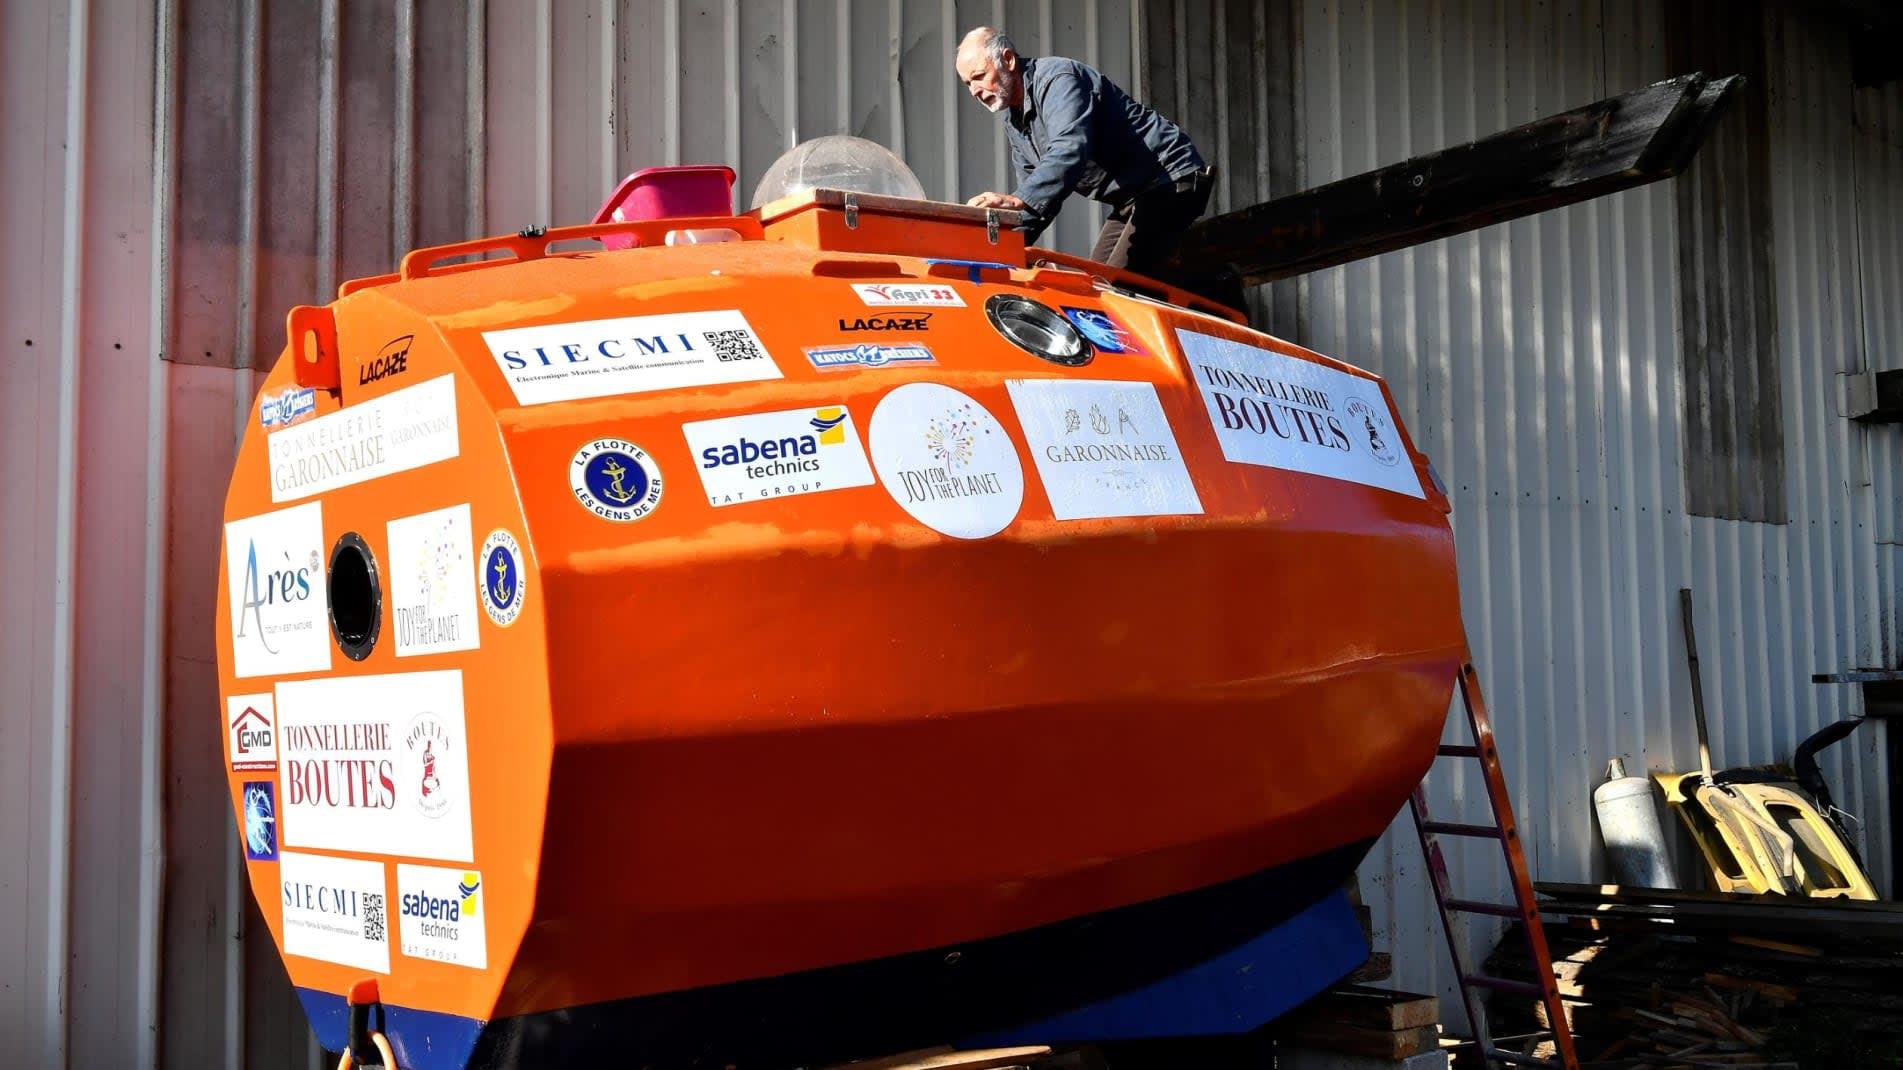 ببرميل برتقالي اللون..فرنسي يبلغ من العمر 71 عاماً يعبر المحيط الأطلسي